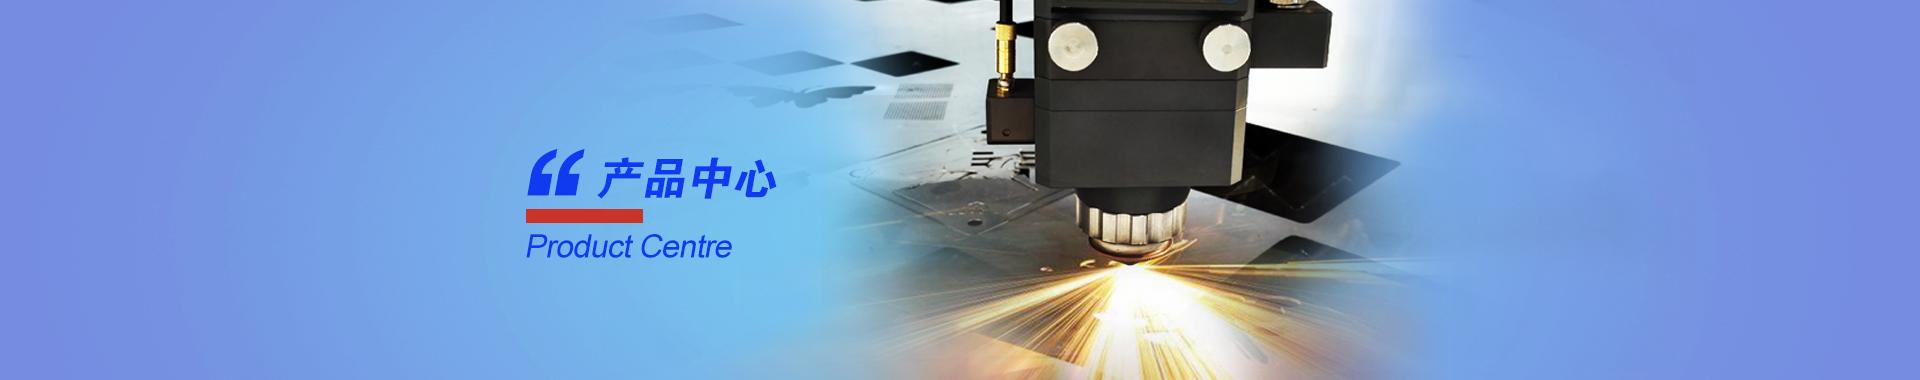 光激光切割机更好地满足切割工艺要求